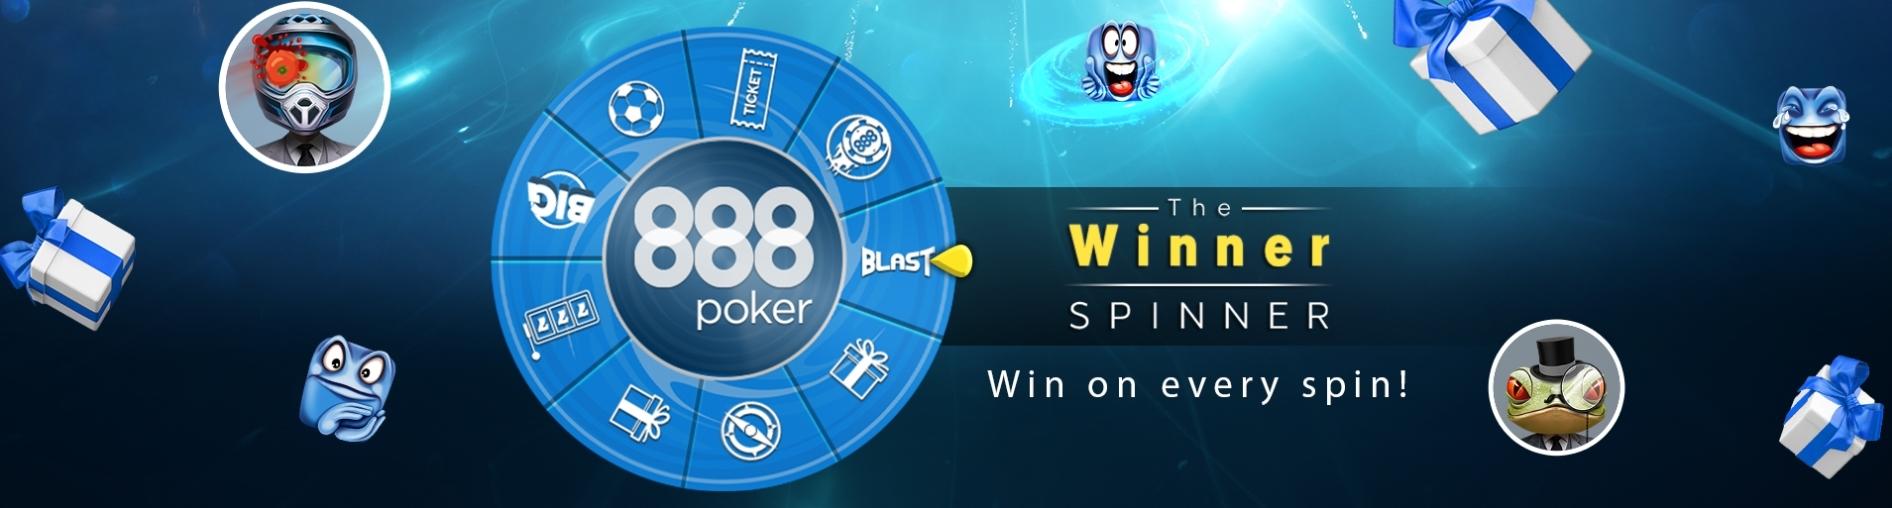 winner spinner